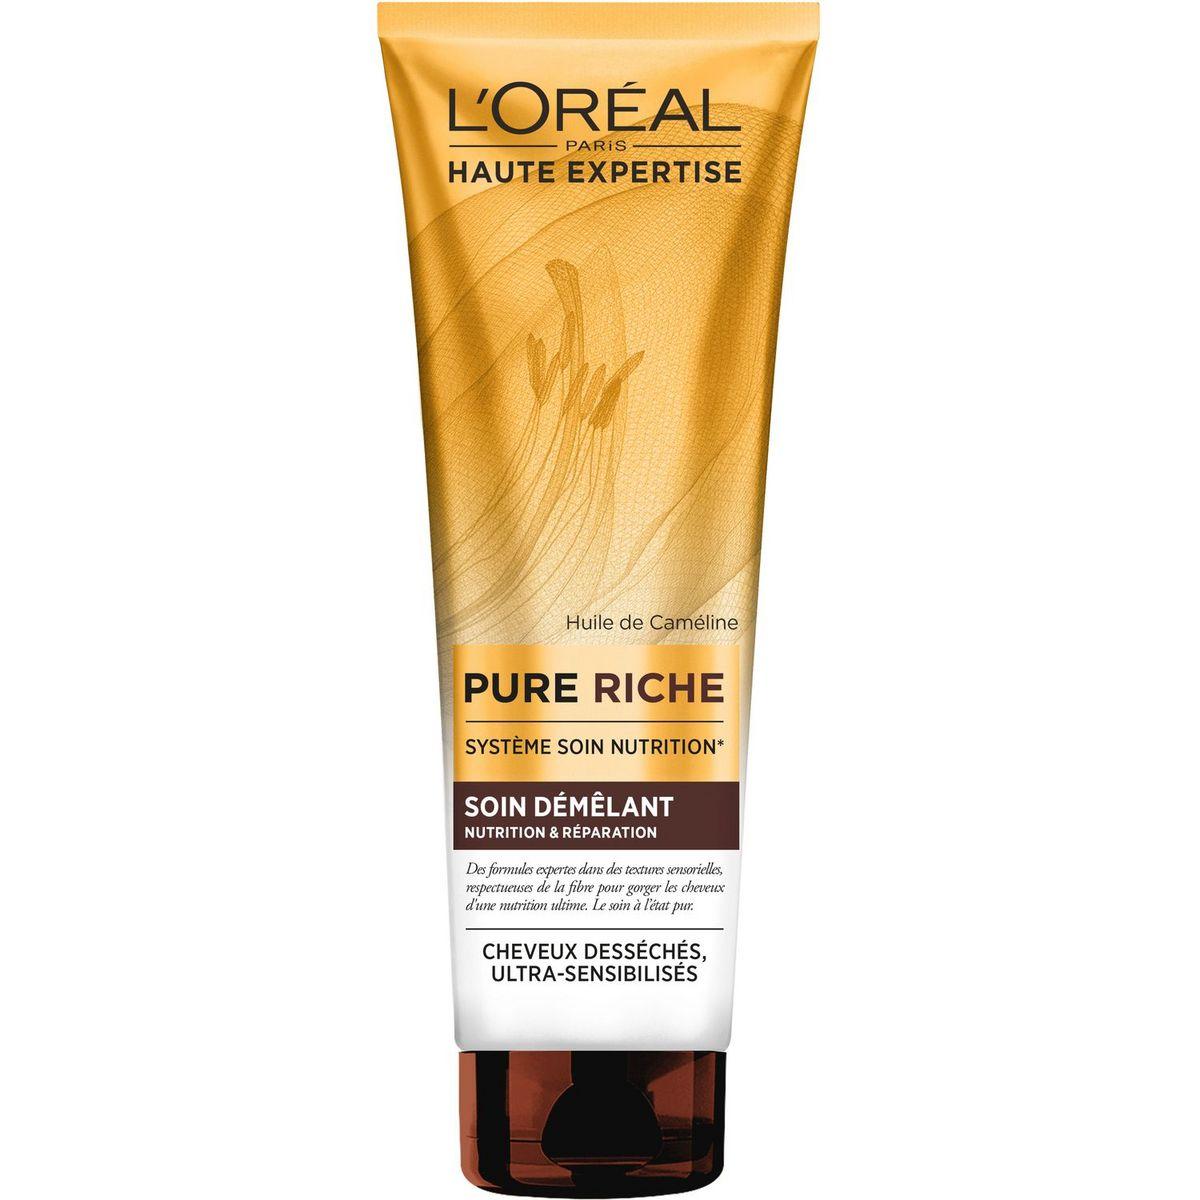 L'Oréal Pure Riche soin démêlant cheveux desséchés, sensibilisés 250ml